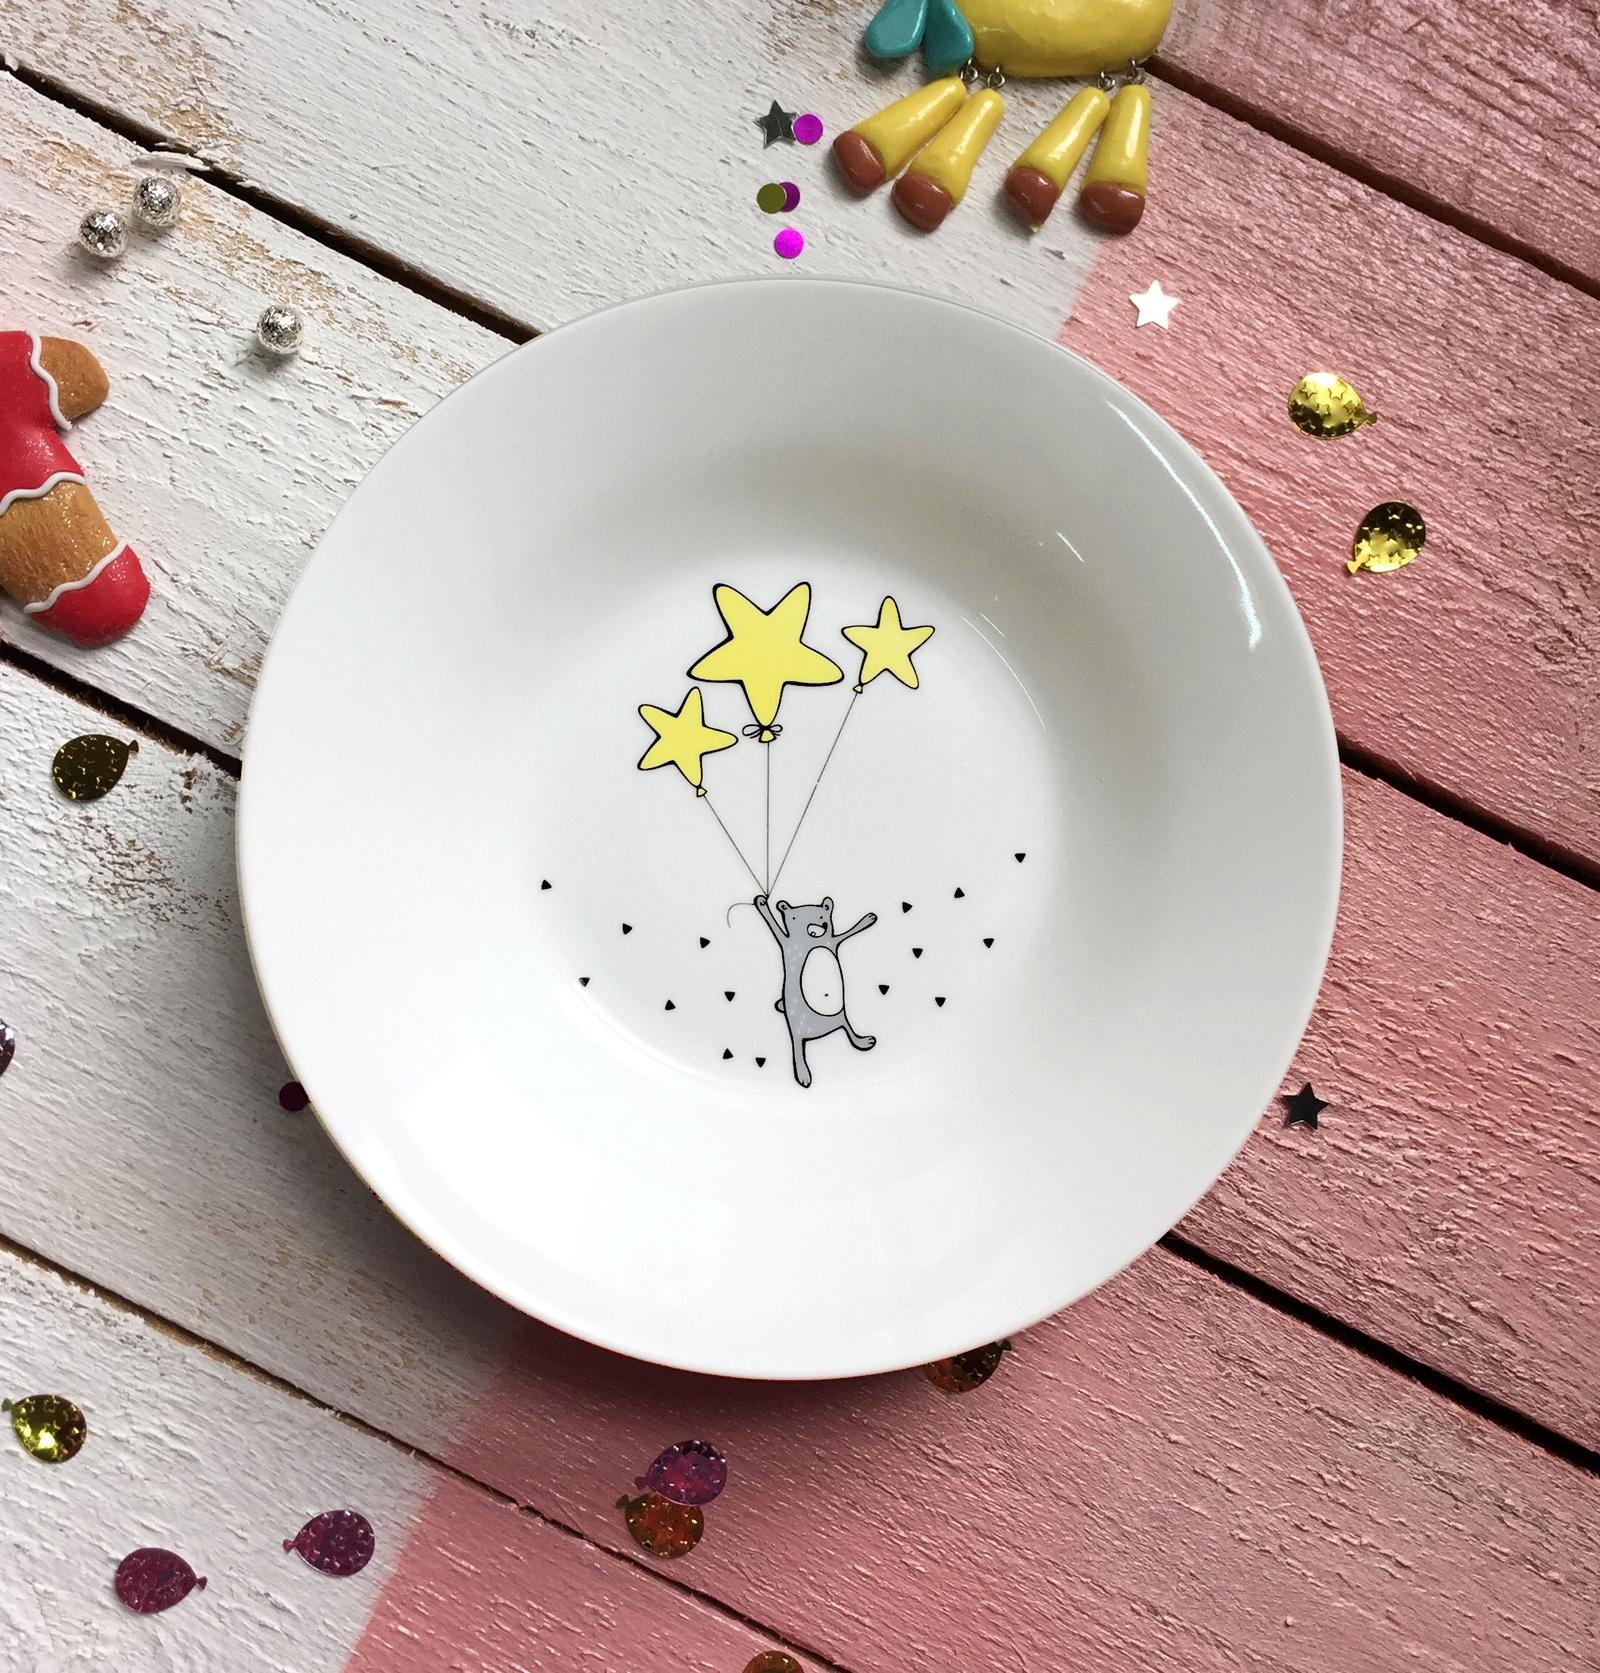 Тарелка глубокая Сотвори Чудо Звёздный мишка 20 см, белый тарелка мелкая сотвори чудо цветочный мишка диаметр 20 см